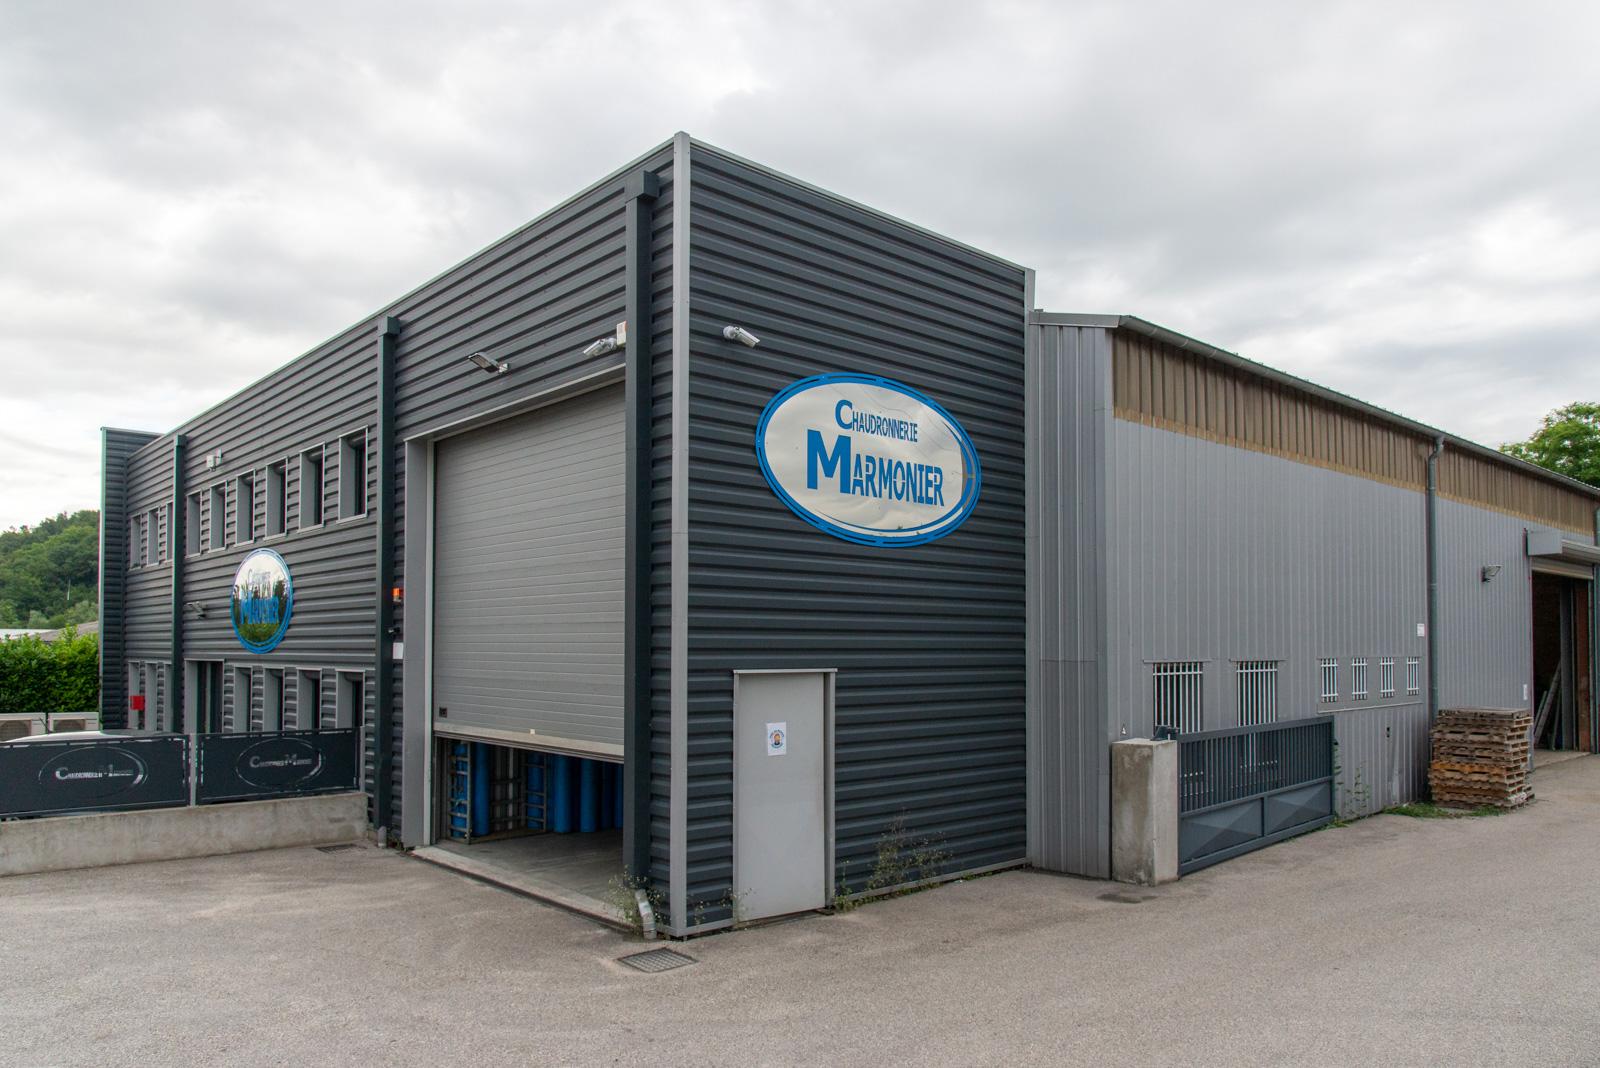 Photo extérieure de l'établissement Marmonier, chaudronnerie industrielle spécialisée dans la transformation de l'acier